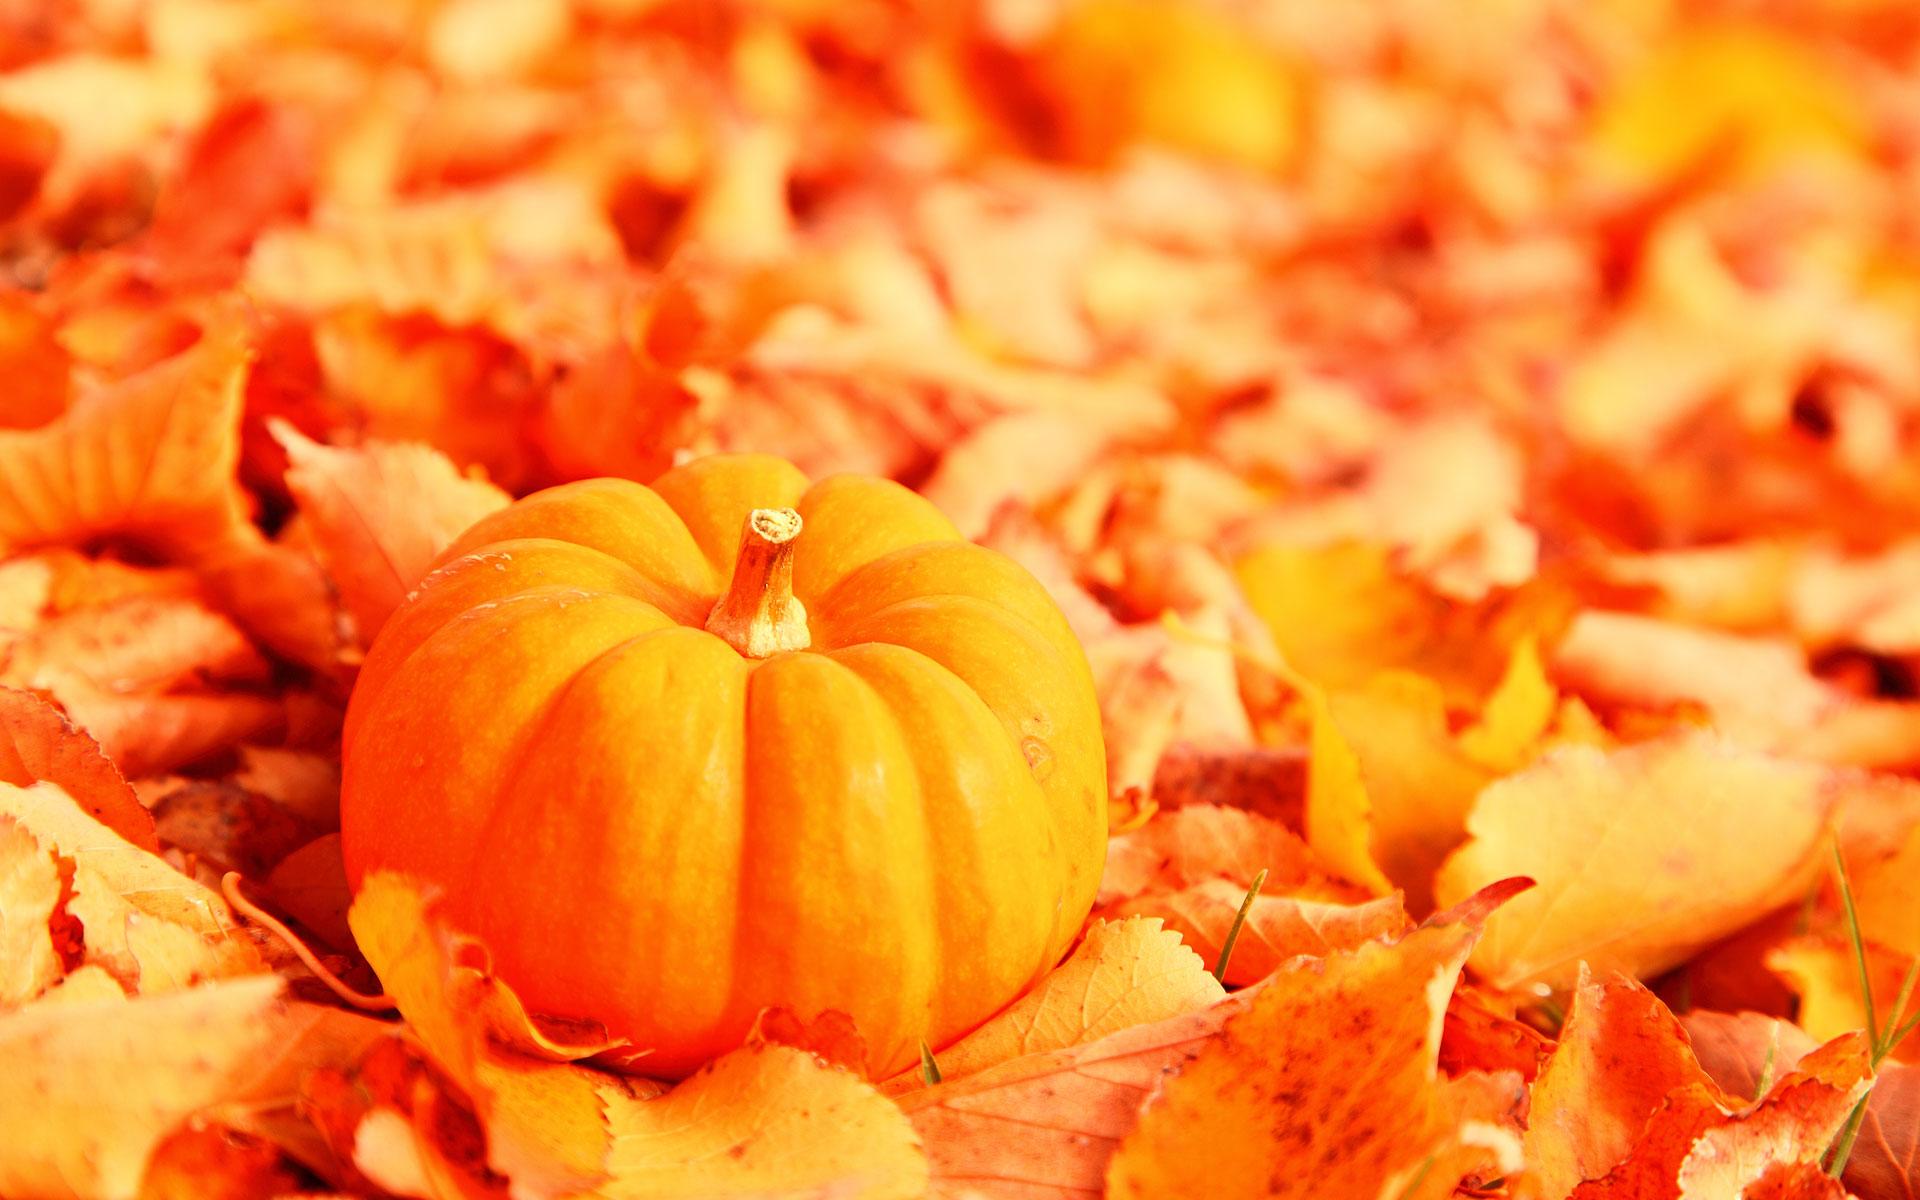 оранжевая тыква на фоне опавших листьев, осень, обои на рабочий стол, скачать фото